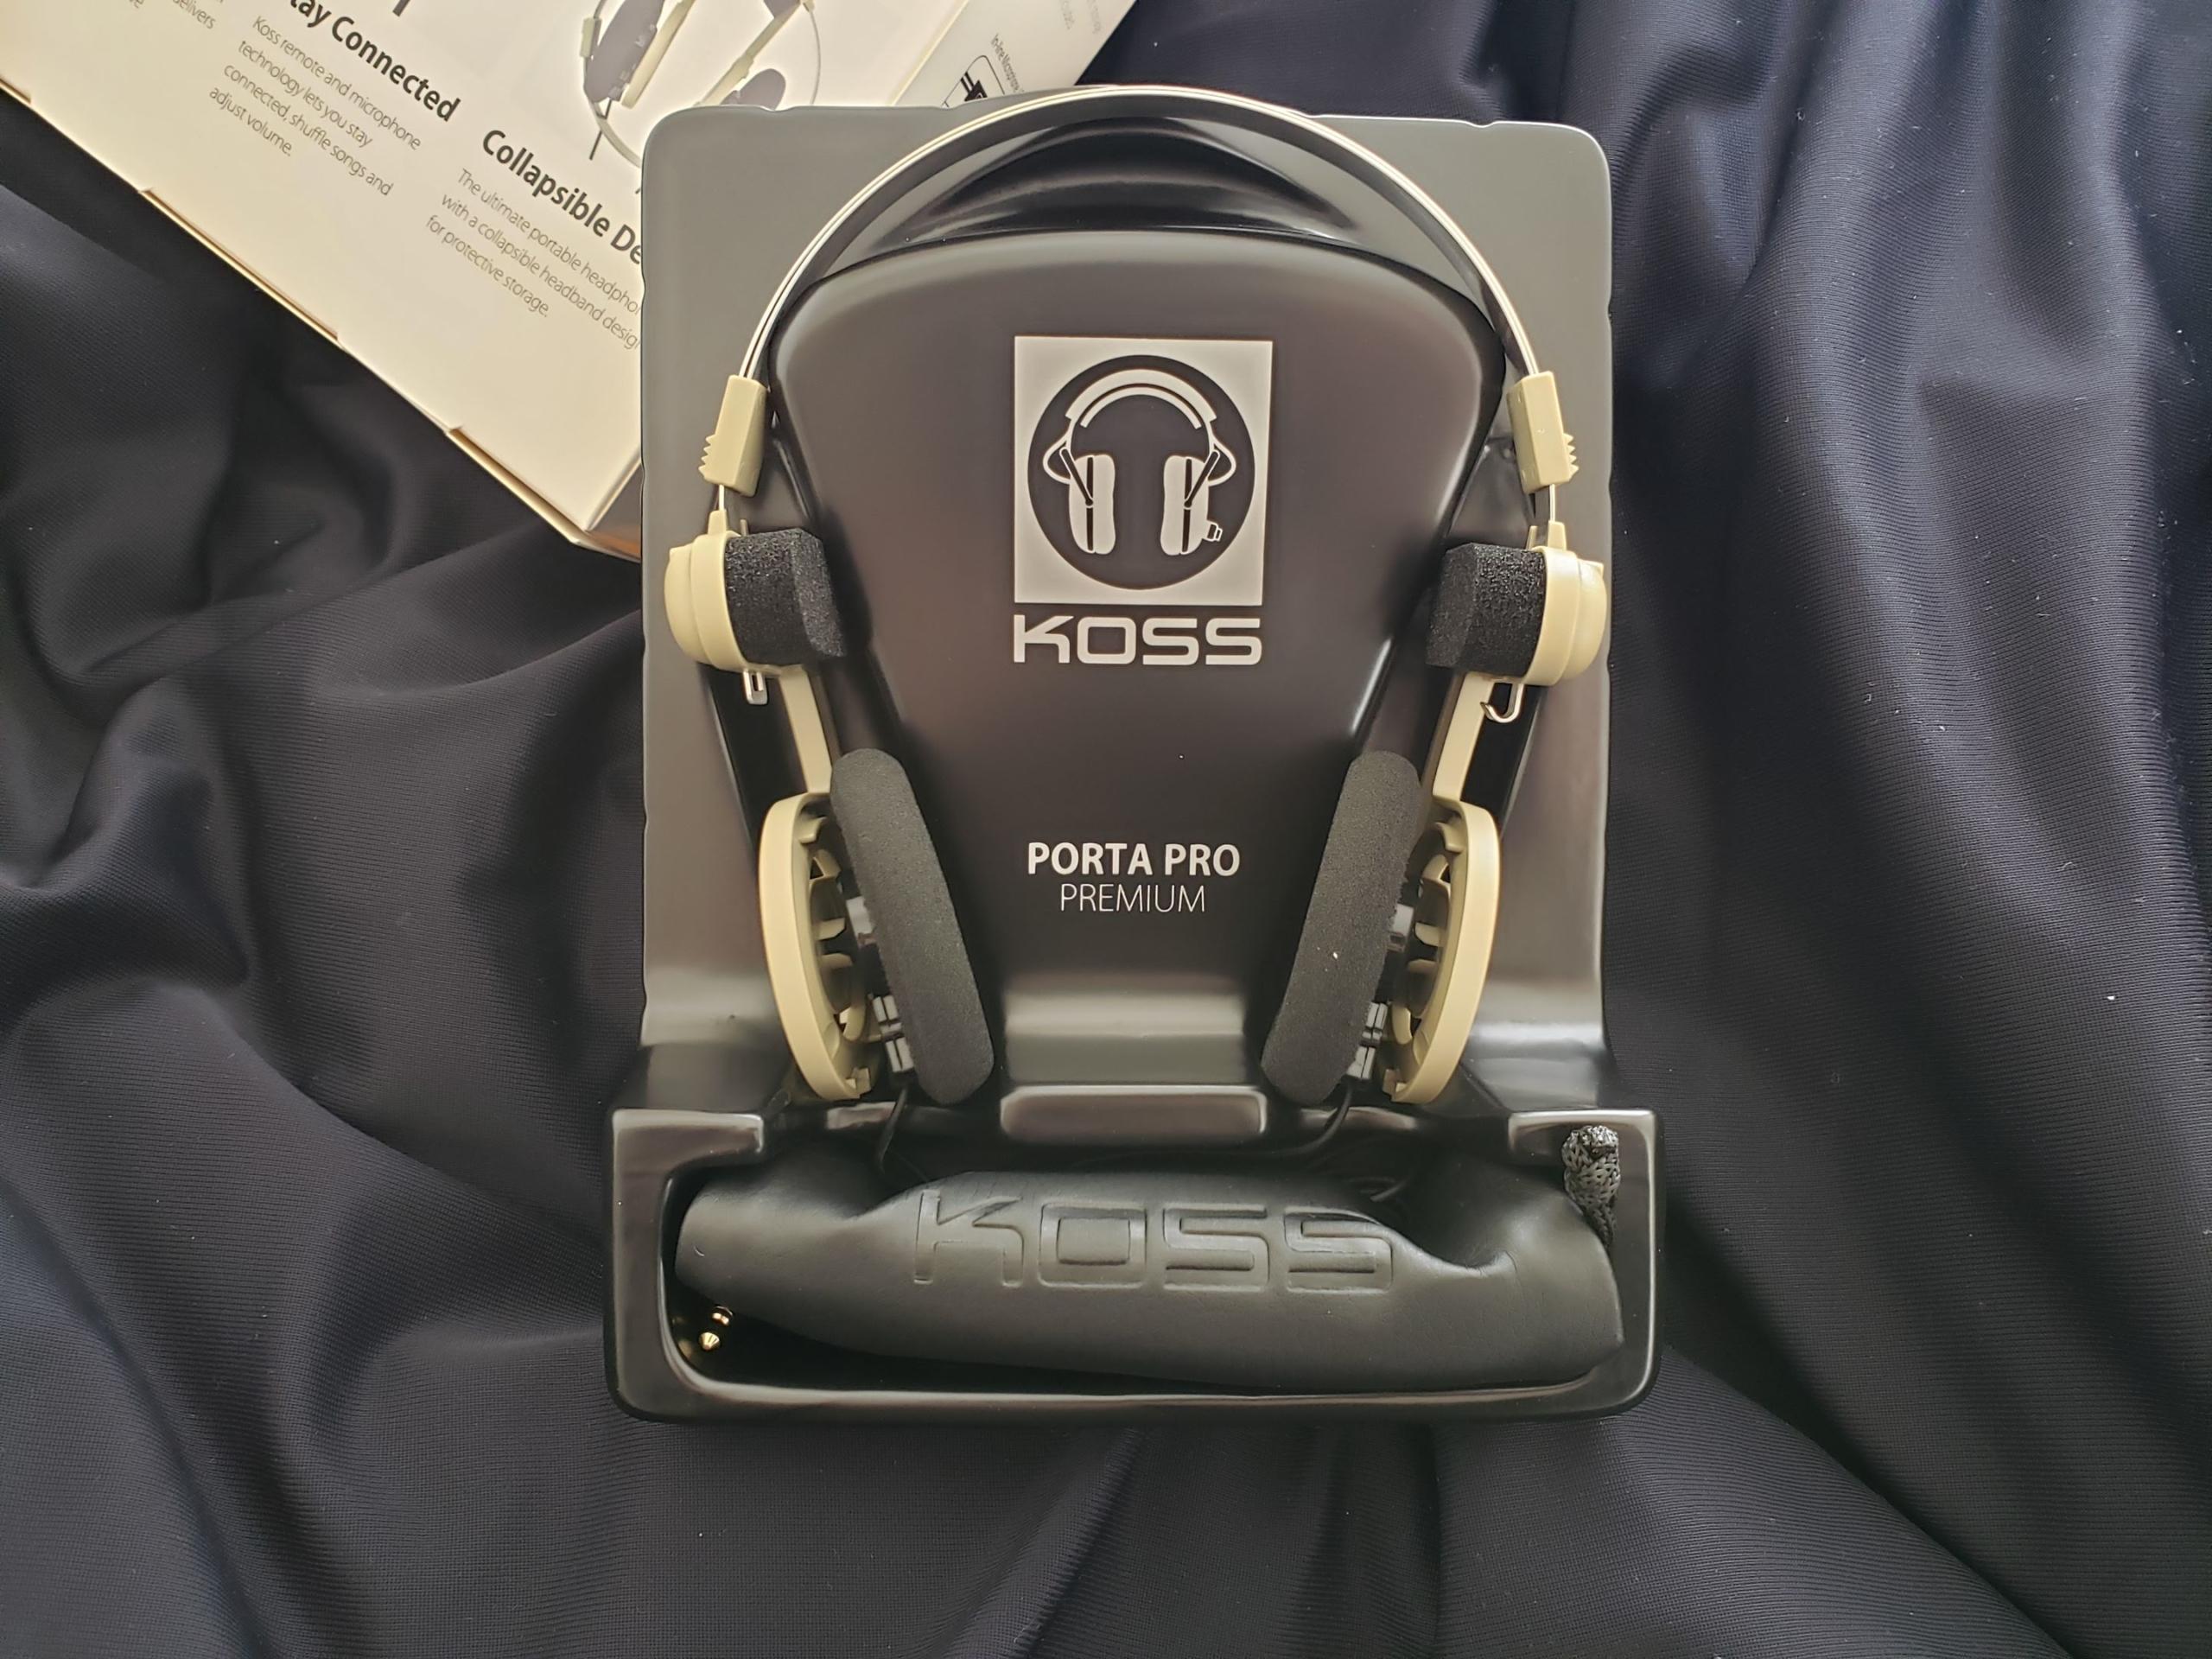 【KOSS Porta Pro】最高のヘッドホンだった